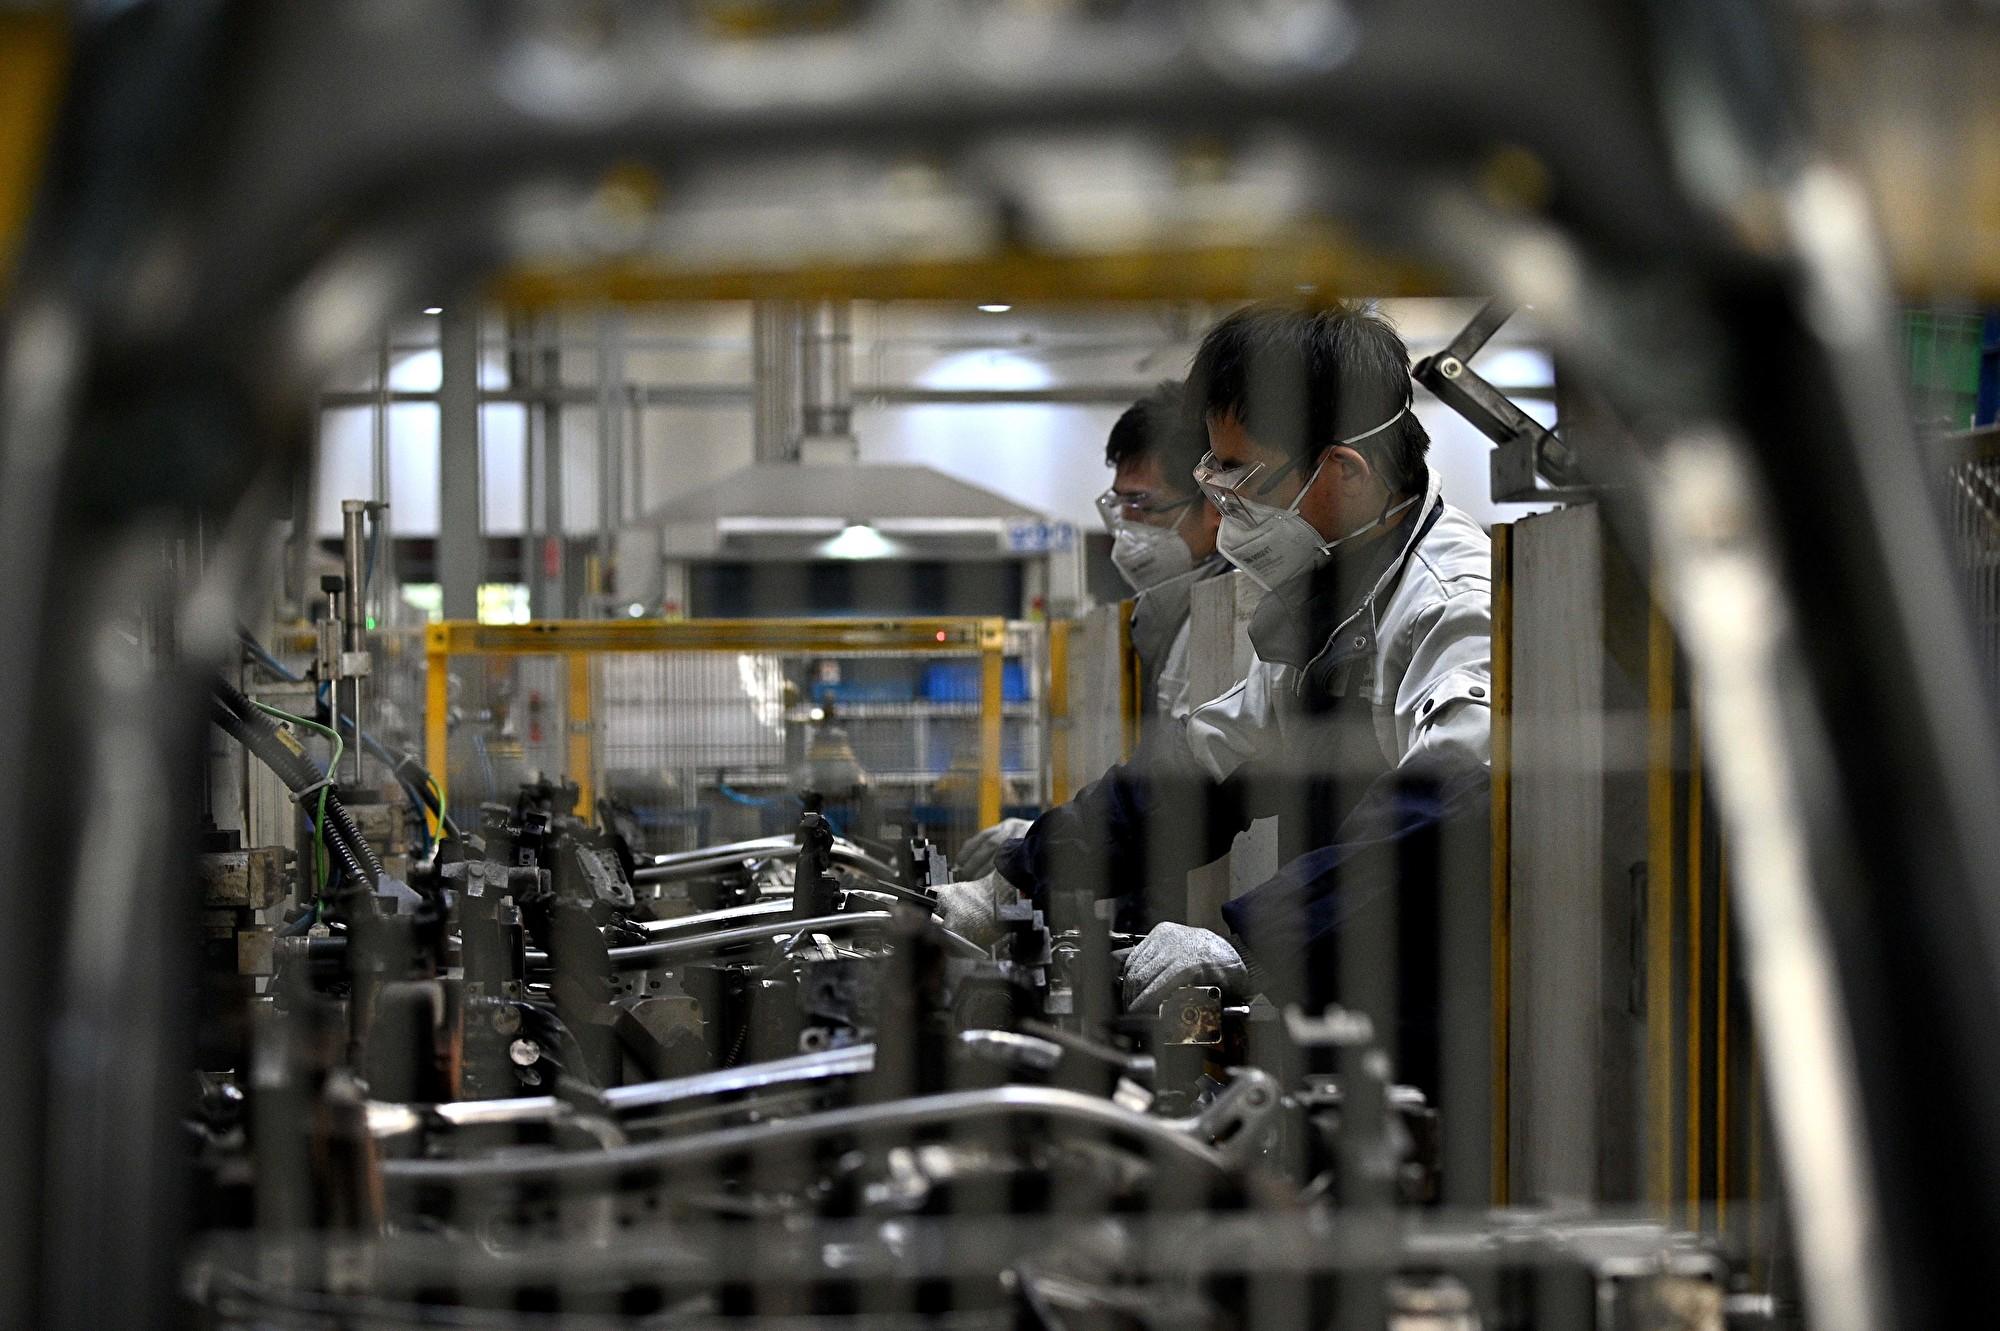 中國製造質量成問題 全球漸呈遠離中共之勢